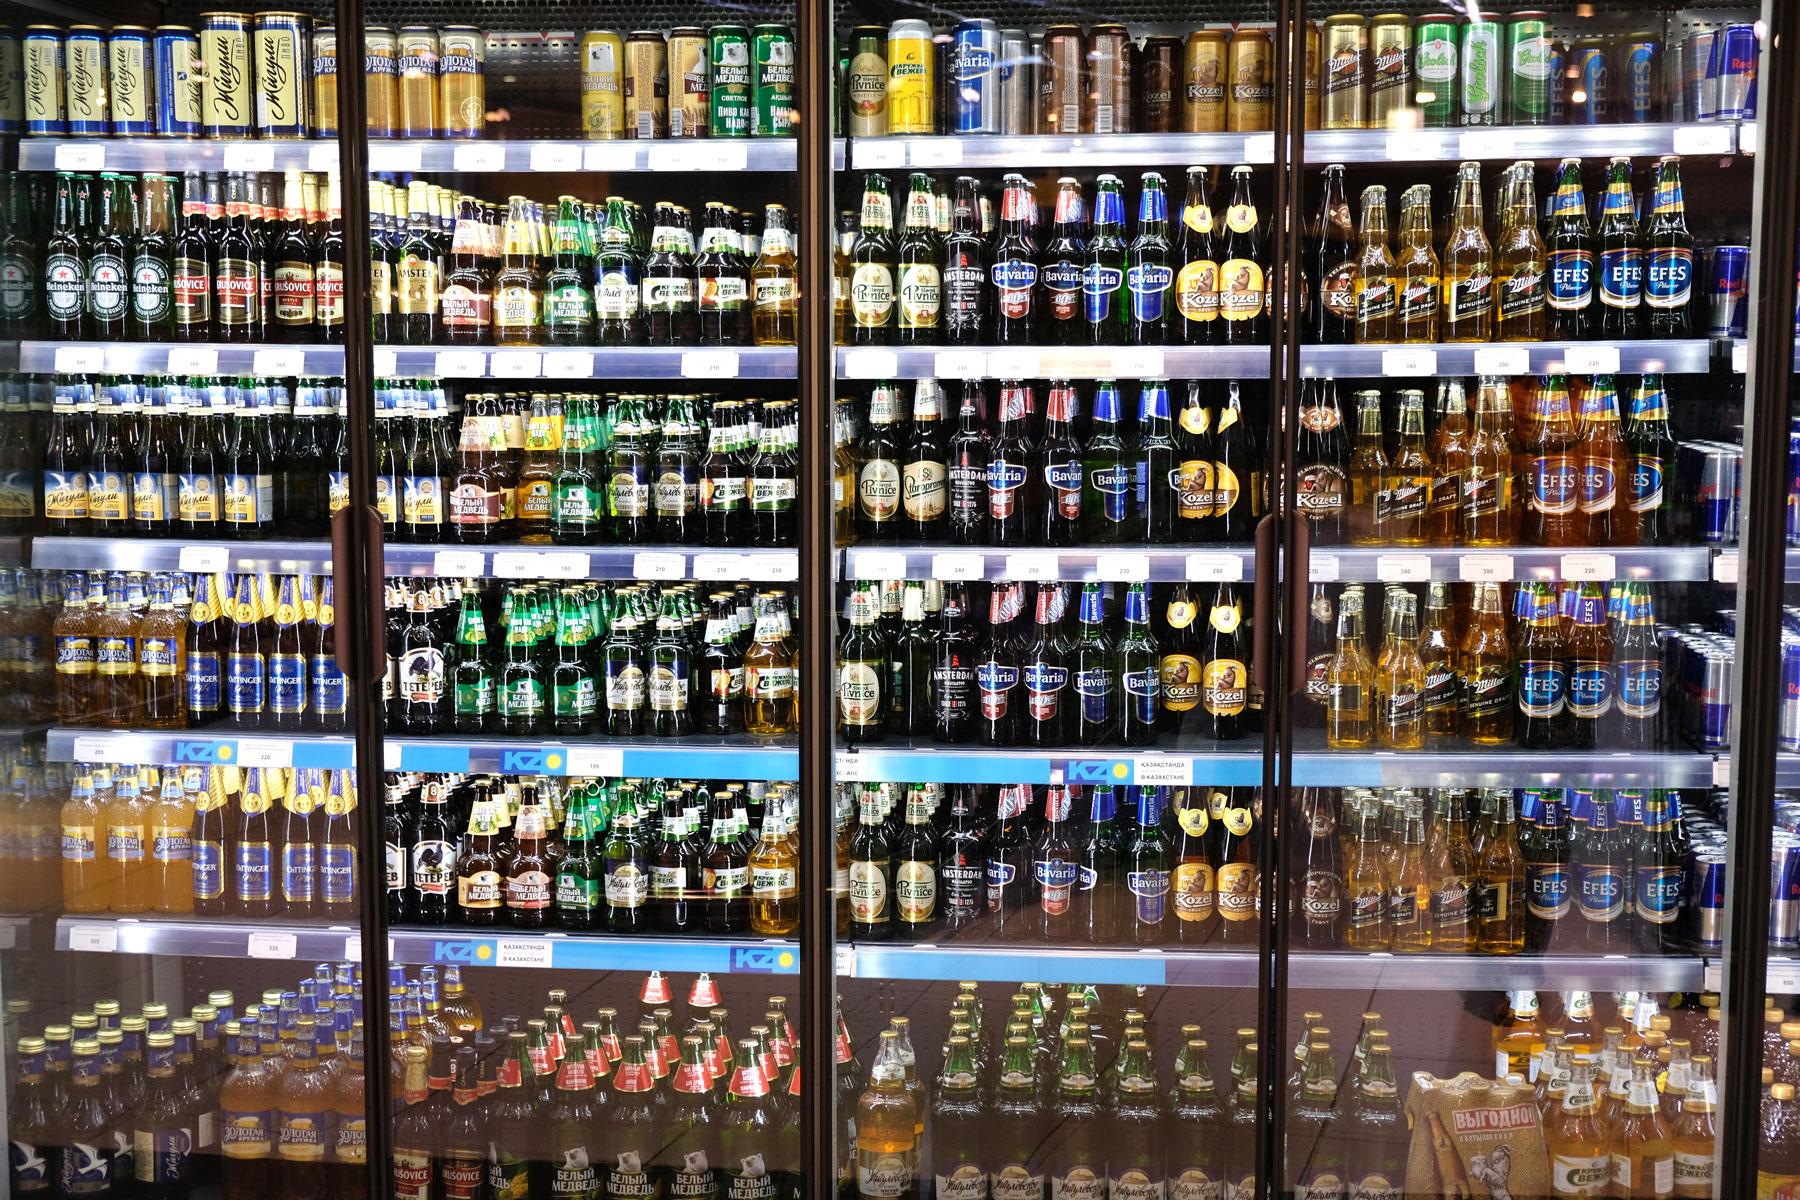 Viele verschiedene Bierflaschen in einem Kühlschrank.